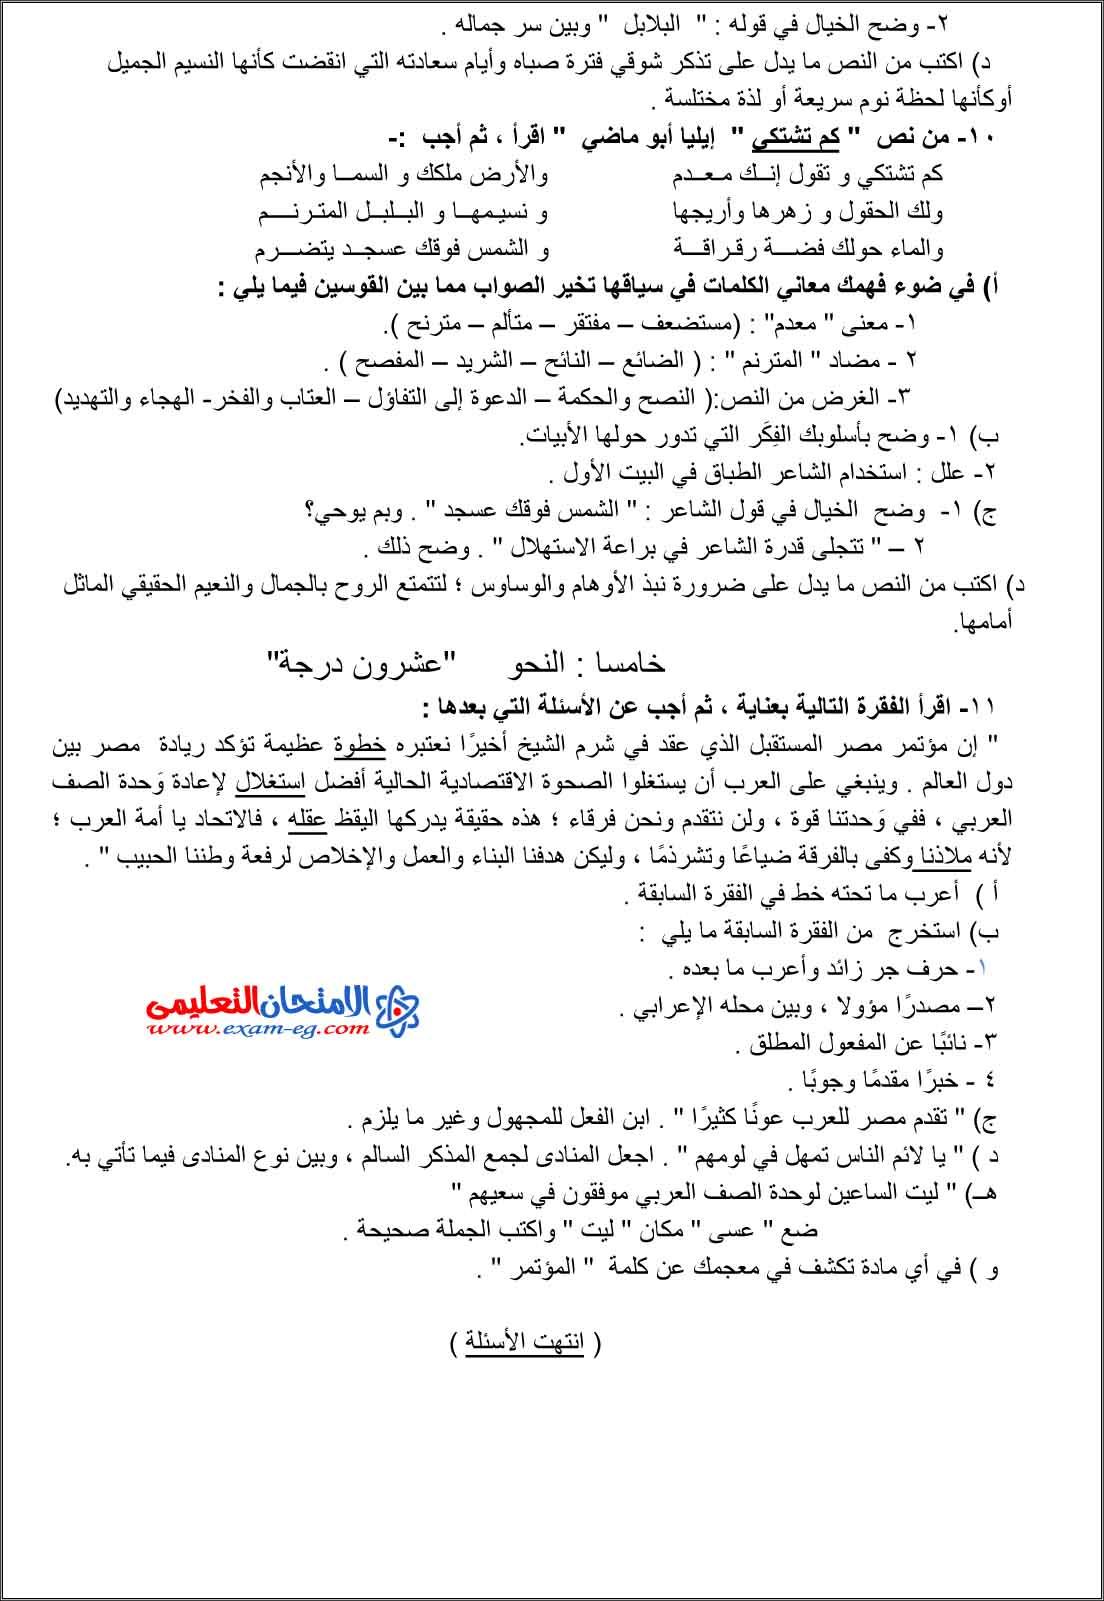 امتحان الوزارة فى اللغة العربية 3